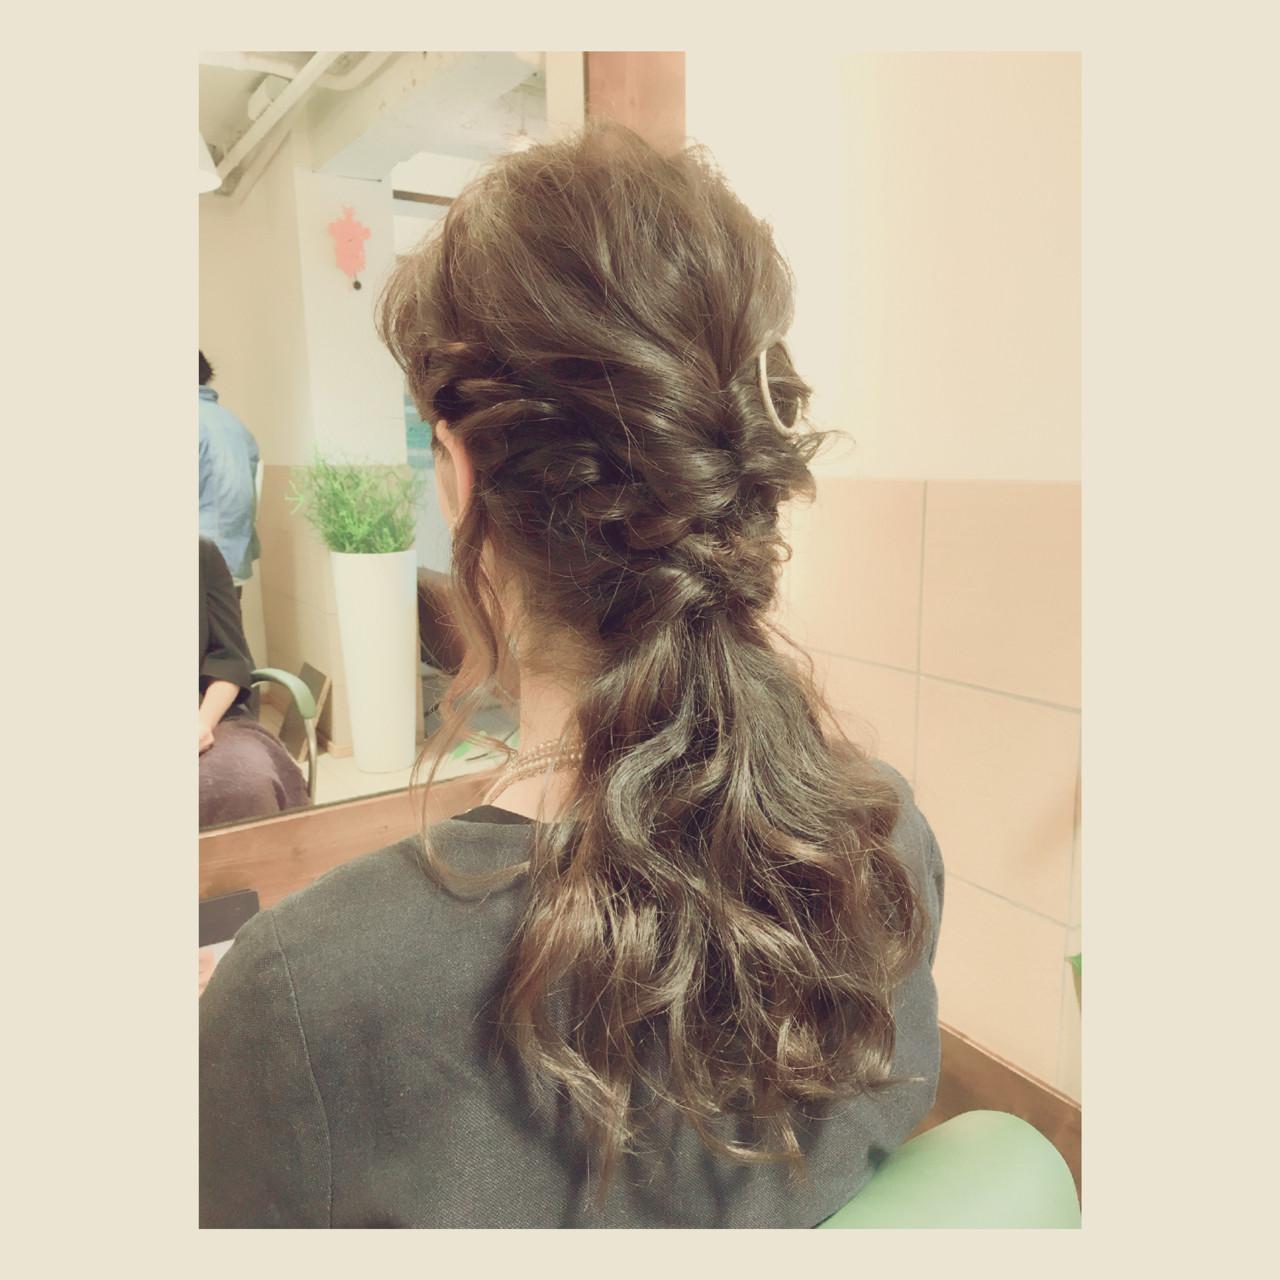 ヘアアレンジ ハーフアップ 大人女子 ロング ヘアスタイルや髪型の写真・画像